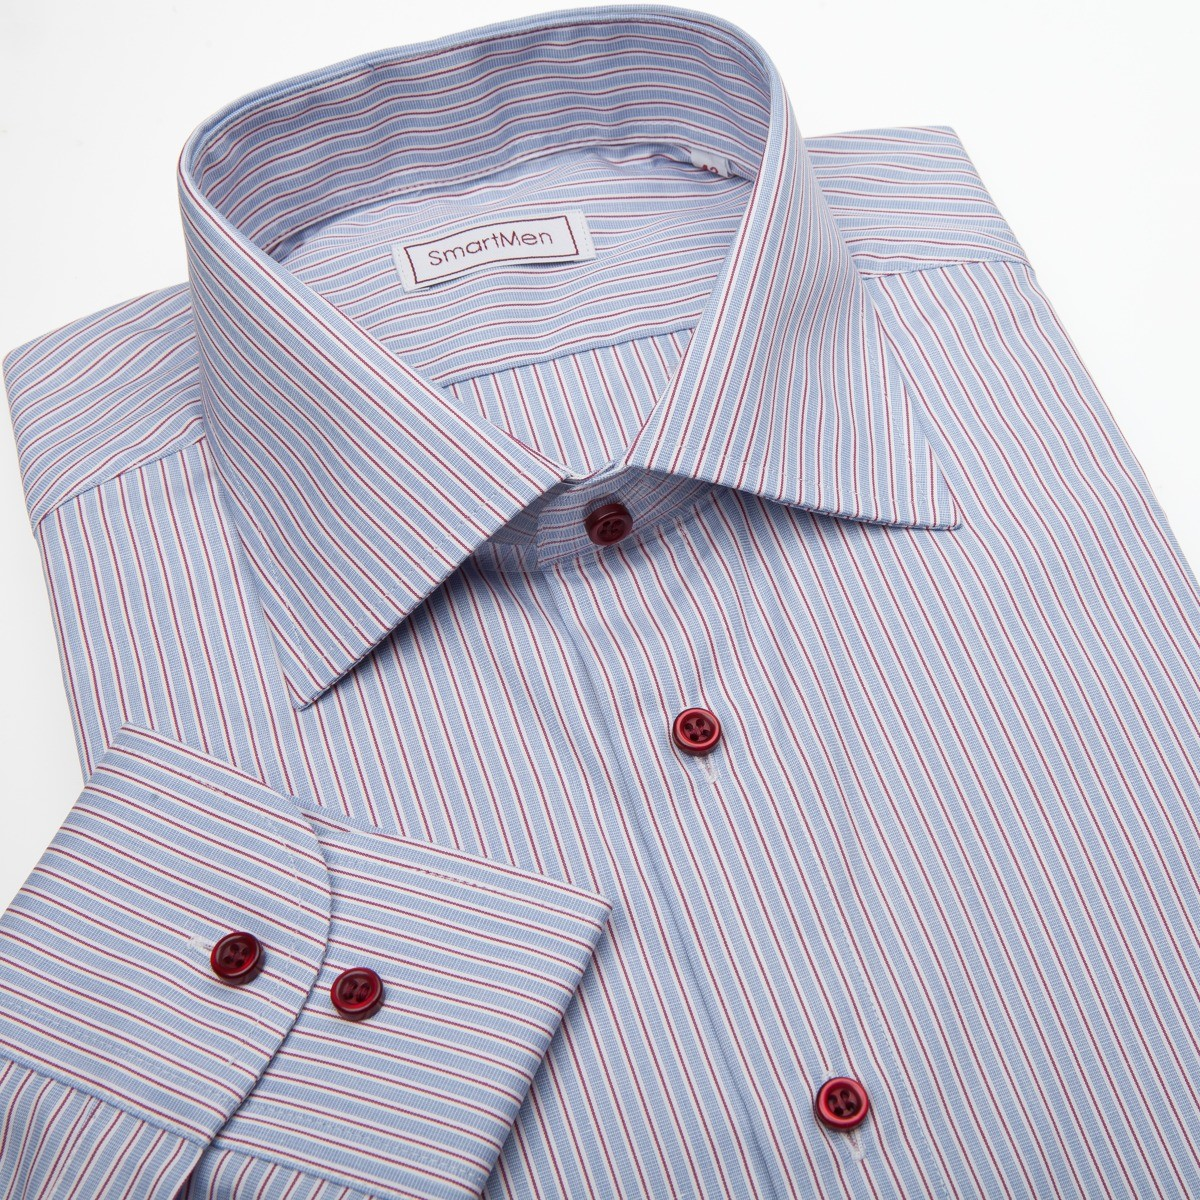 1db94d2226b9 Pánska košeľa modrá s červenou linkou a červenými gombíkmi